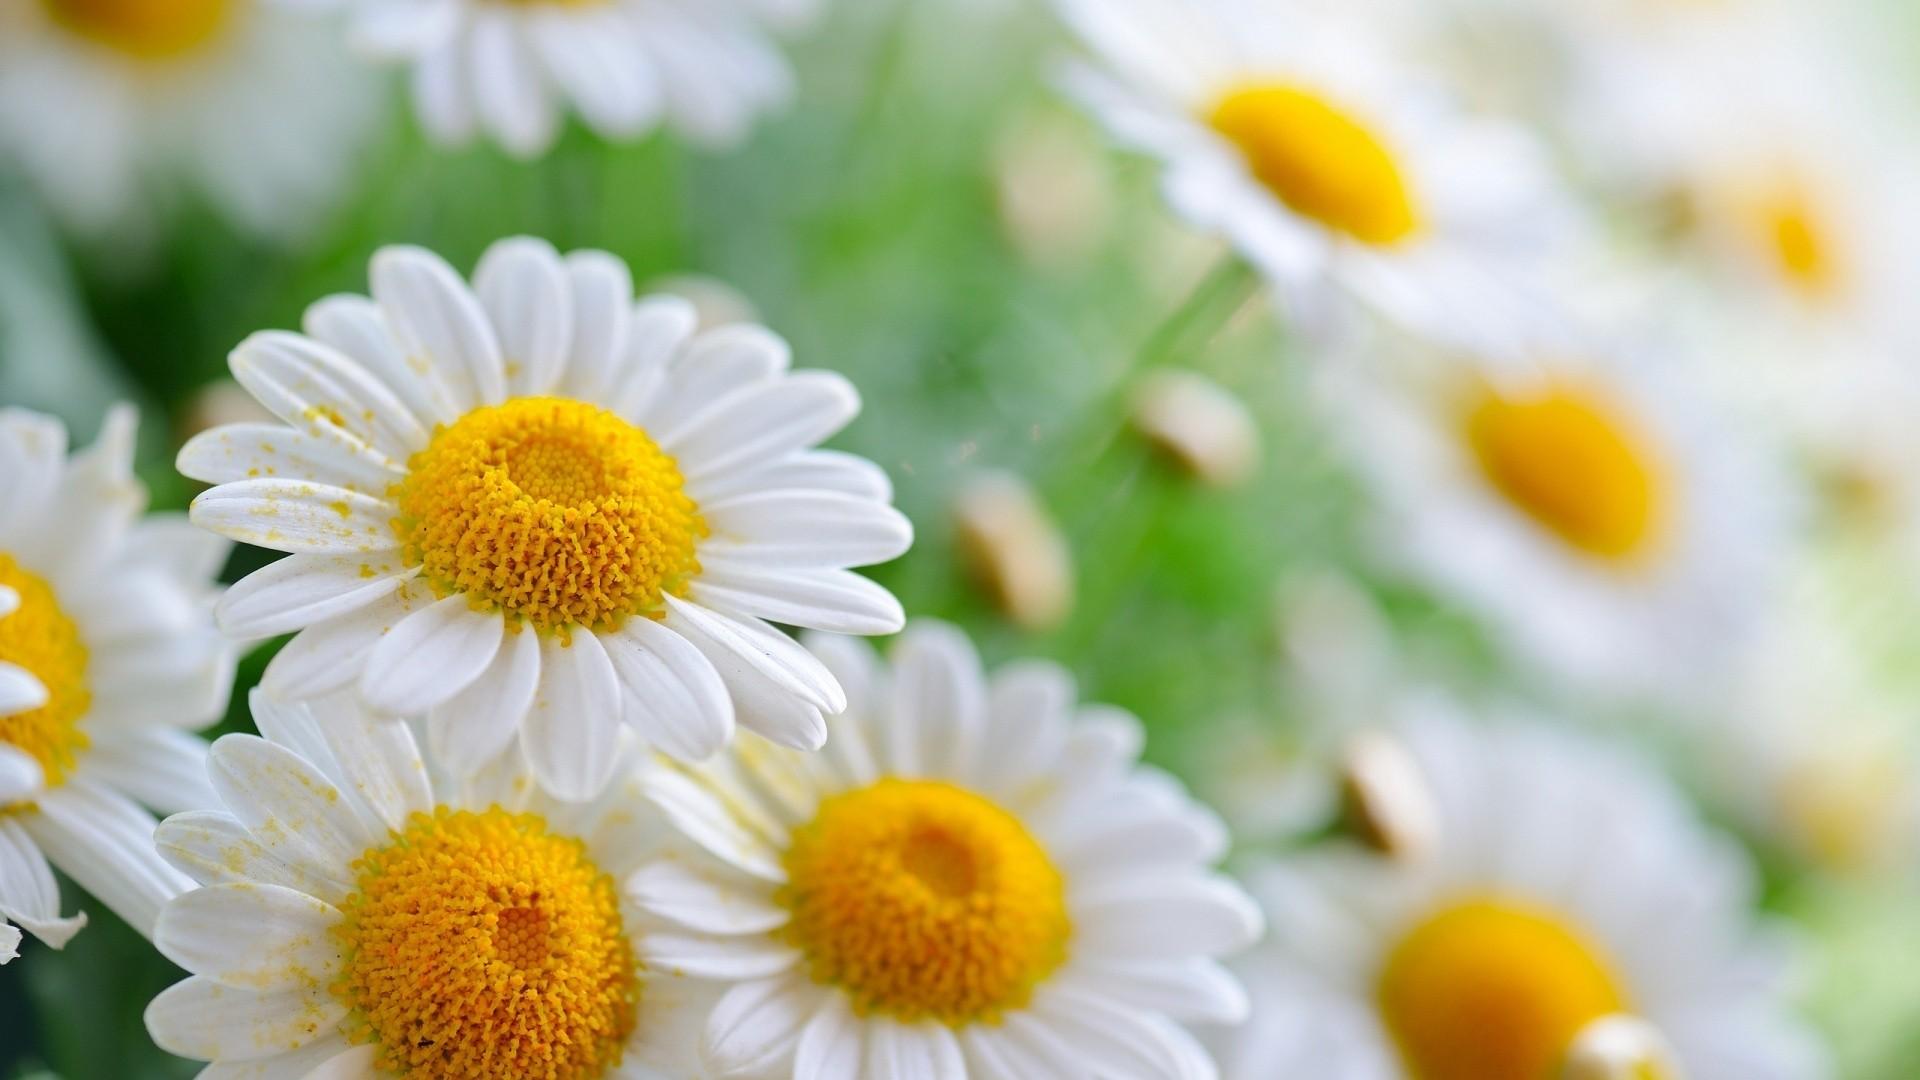 Daisy wallpaper photo hd